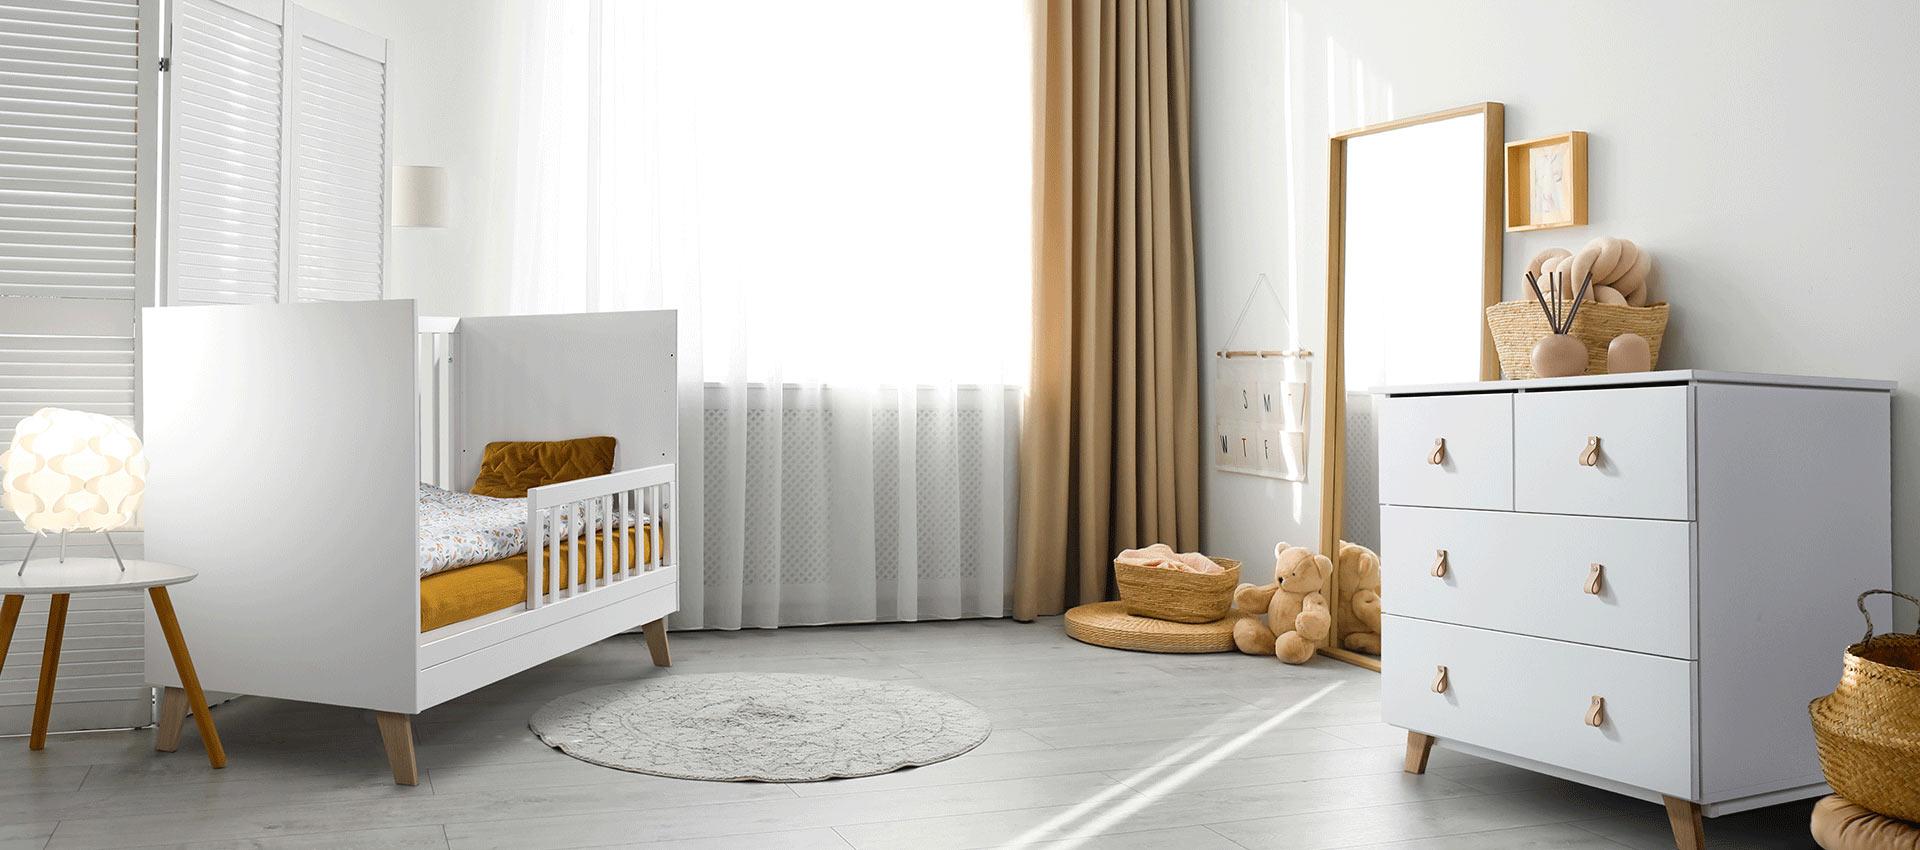 producent łóżeczek dziecięcych